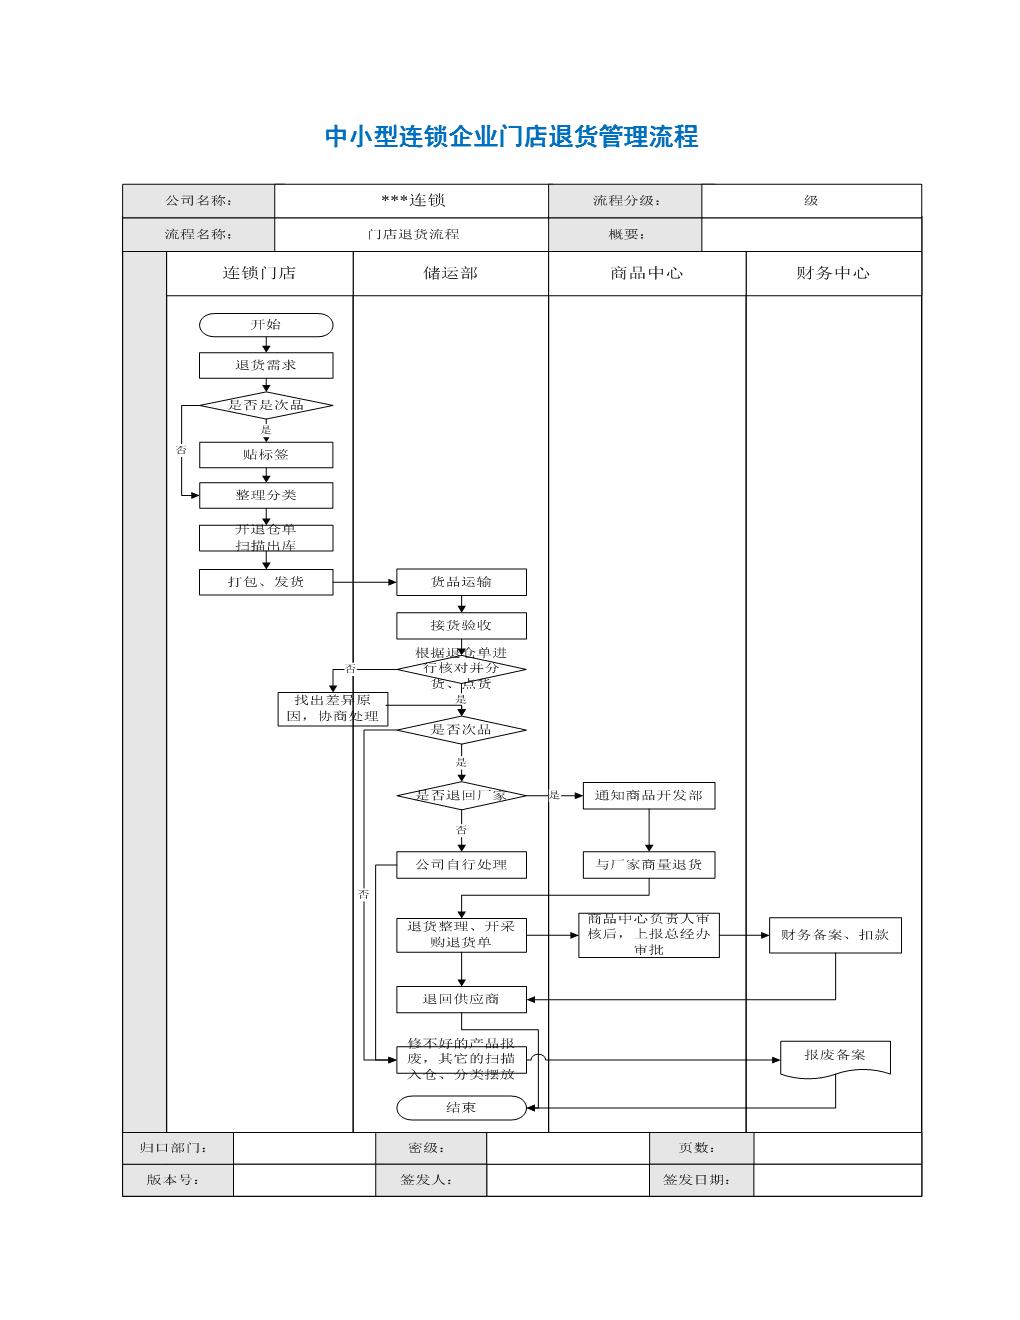 中小型连锁企业门店退货管理流程.docx